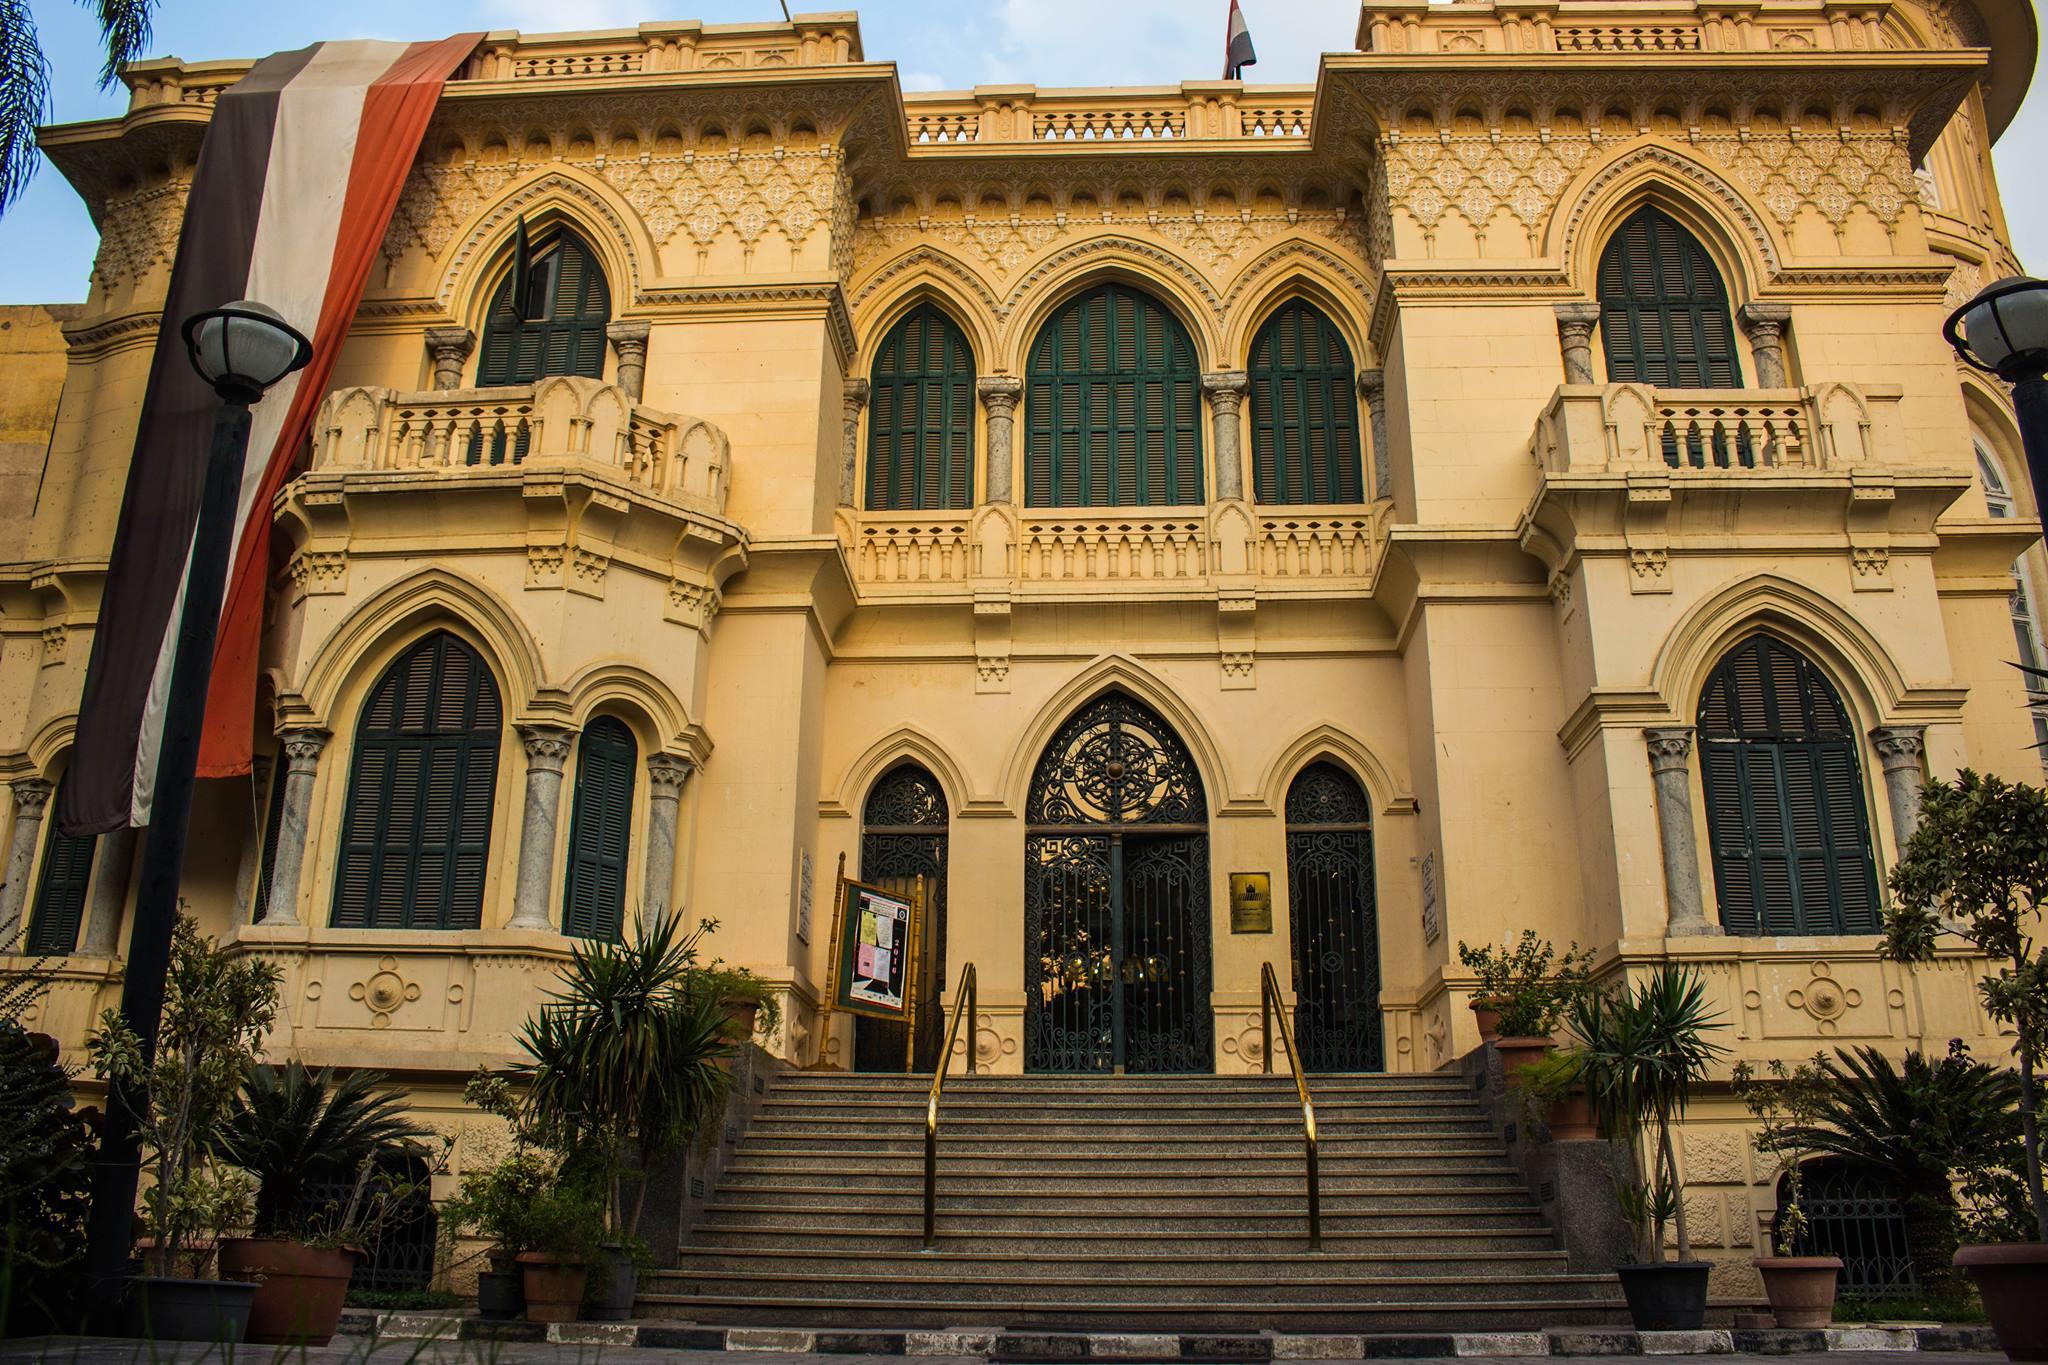 واجهة مكتبة القاهرة الكبرى